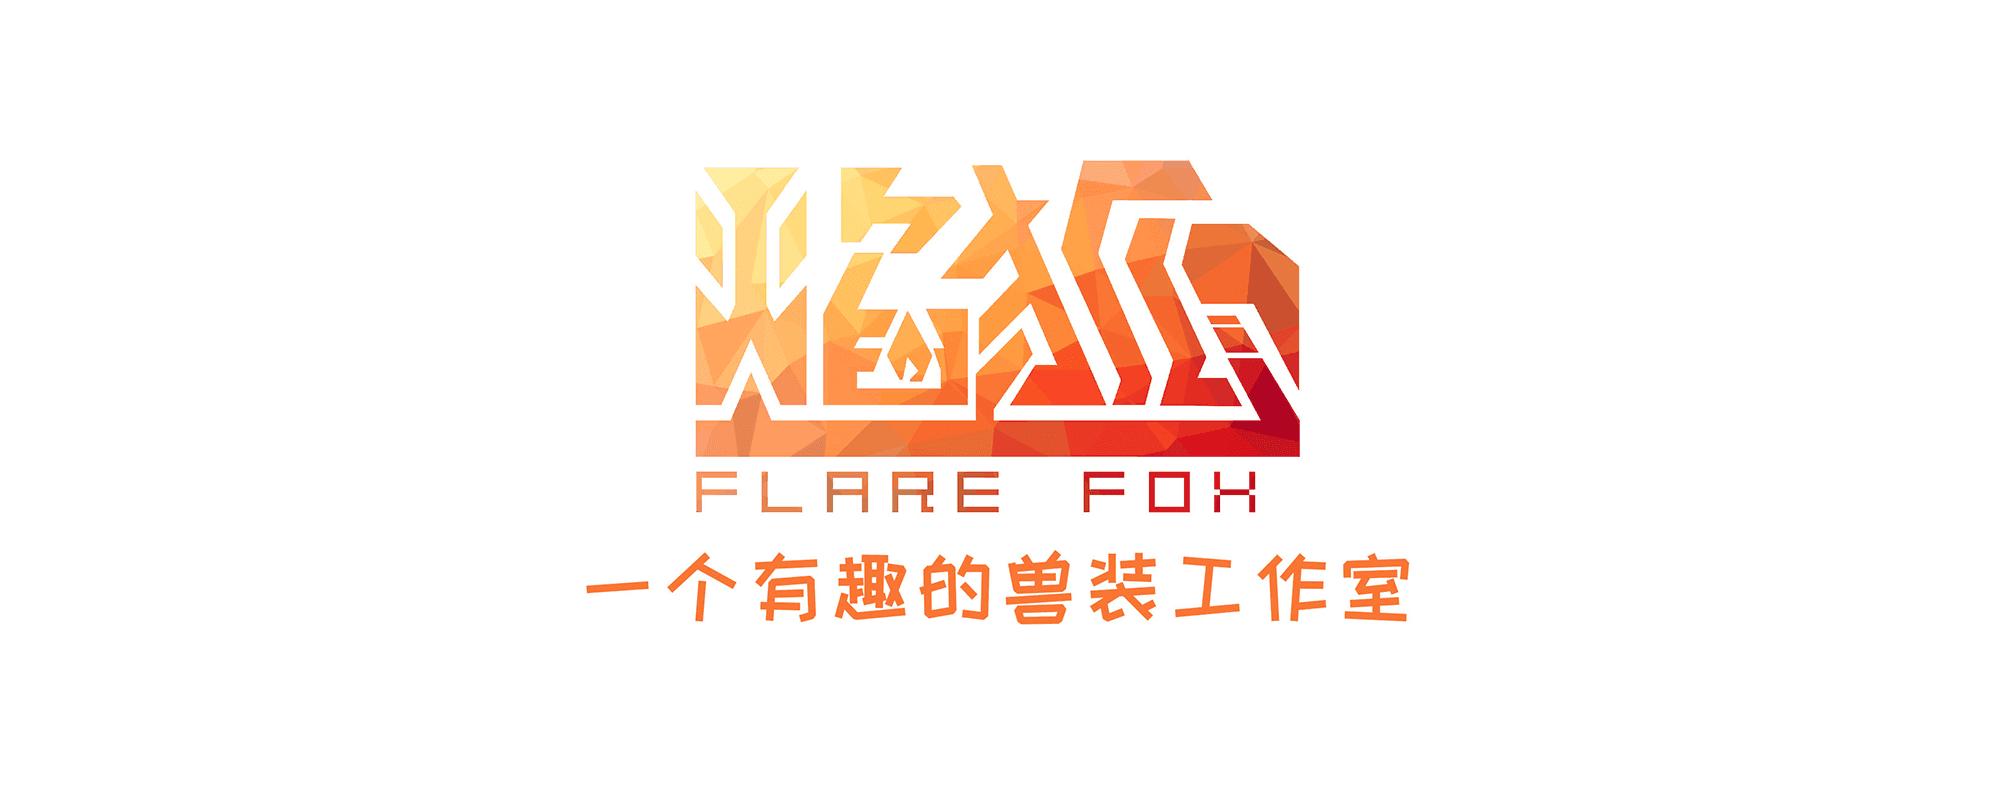 焰狐Fursuit项目组